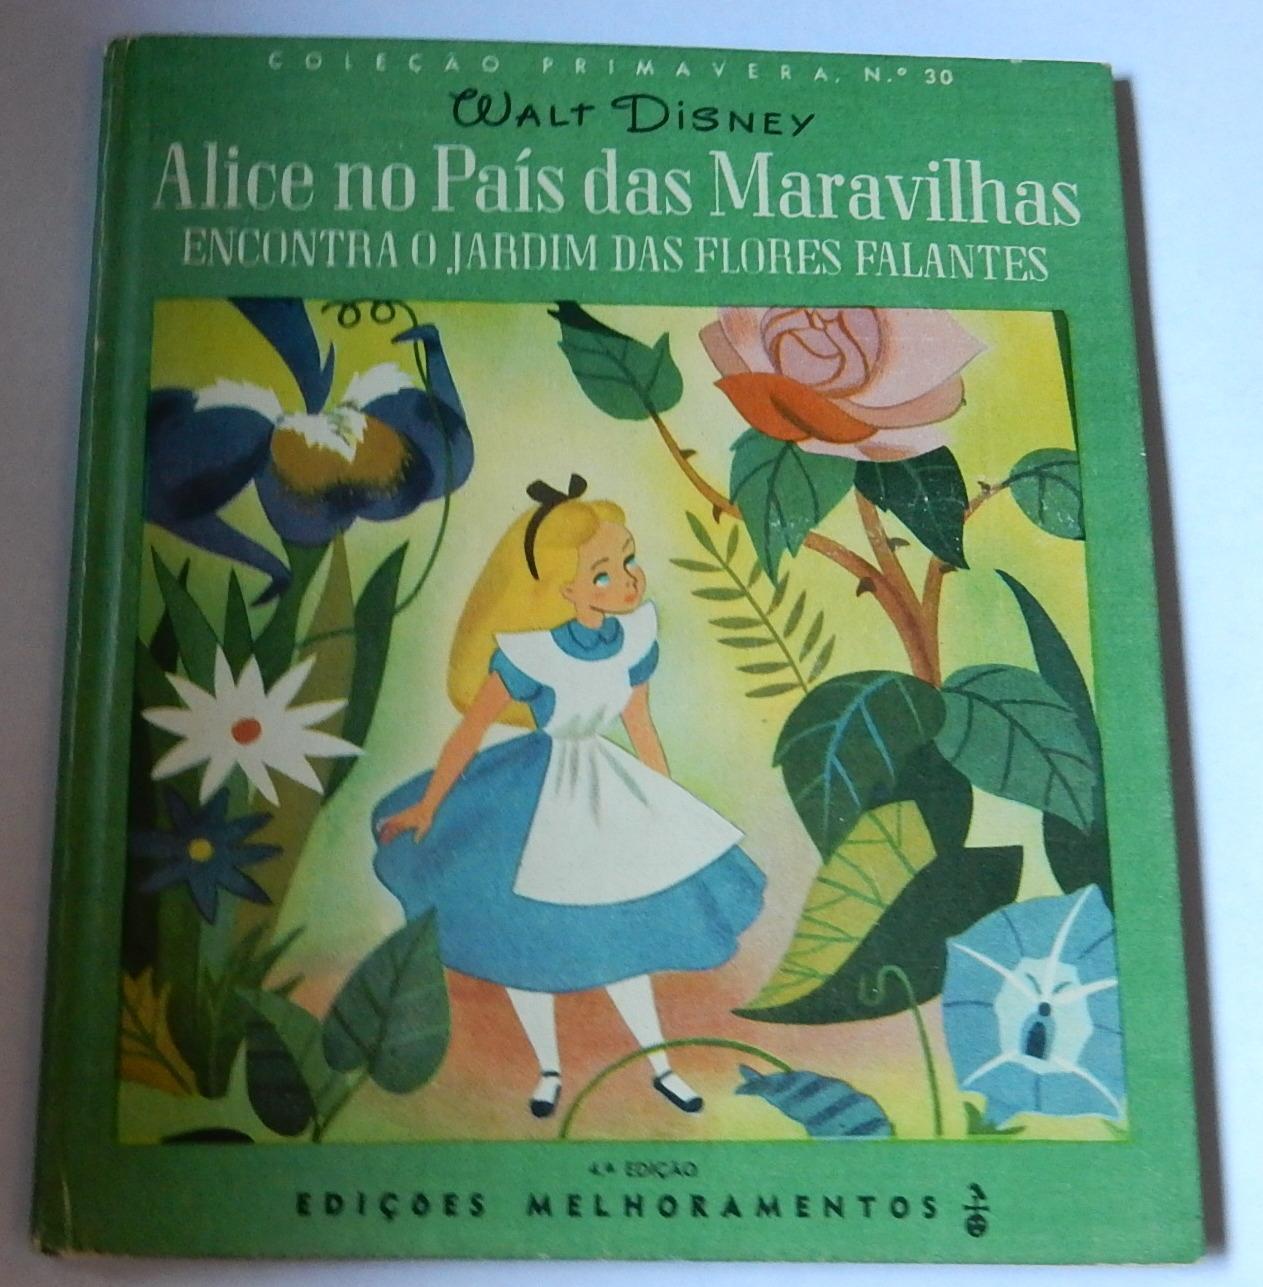 Alice no Pais Das Maravilhas Encontra O Jardim Das Flores Falantes (Carroll, Lewis) Walt Disney. Traducao de Adail Pereira Ribeiro.